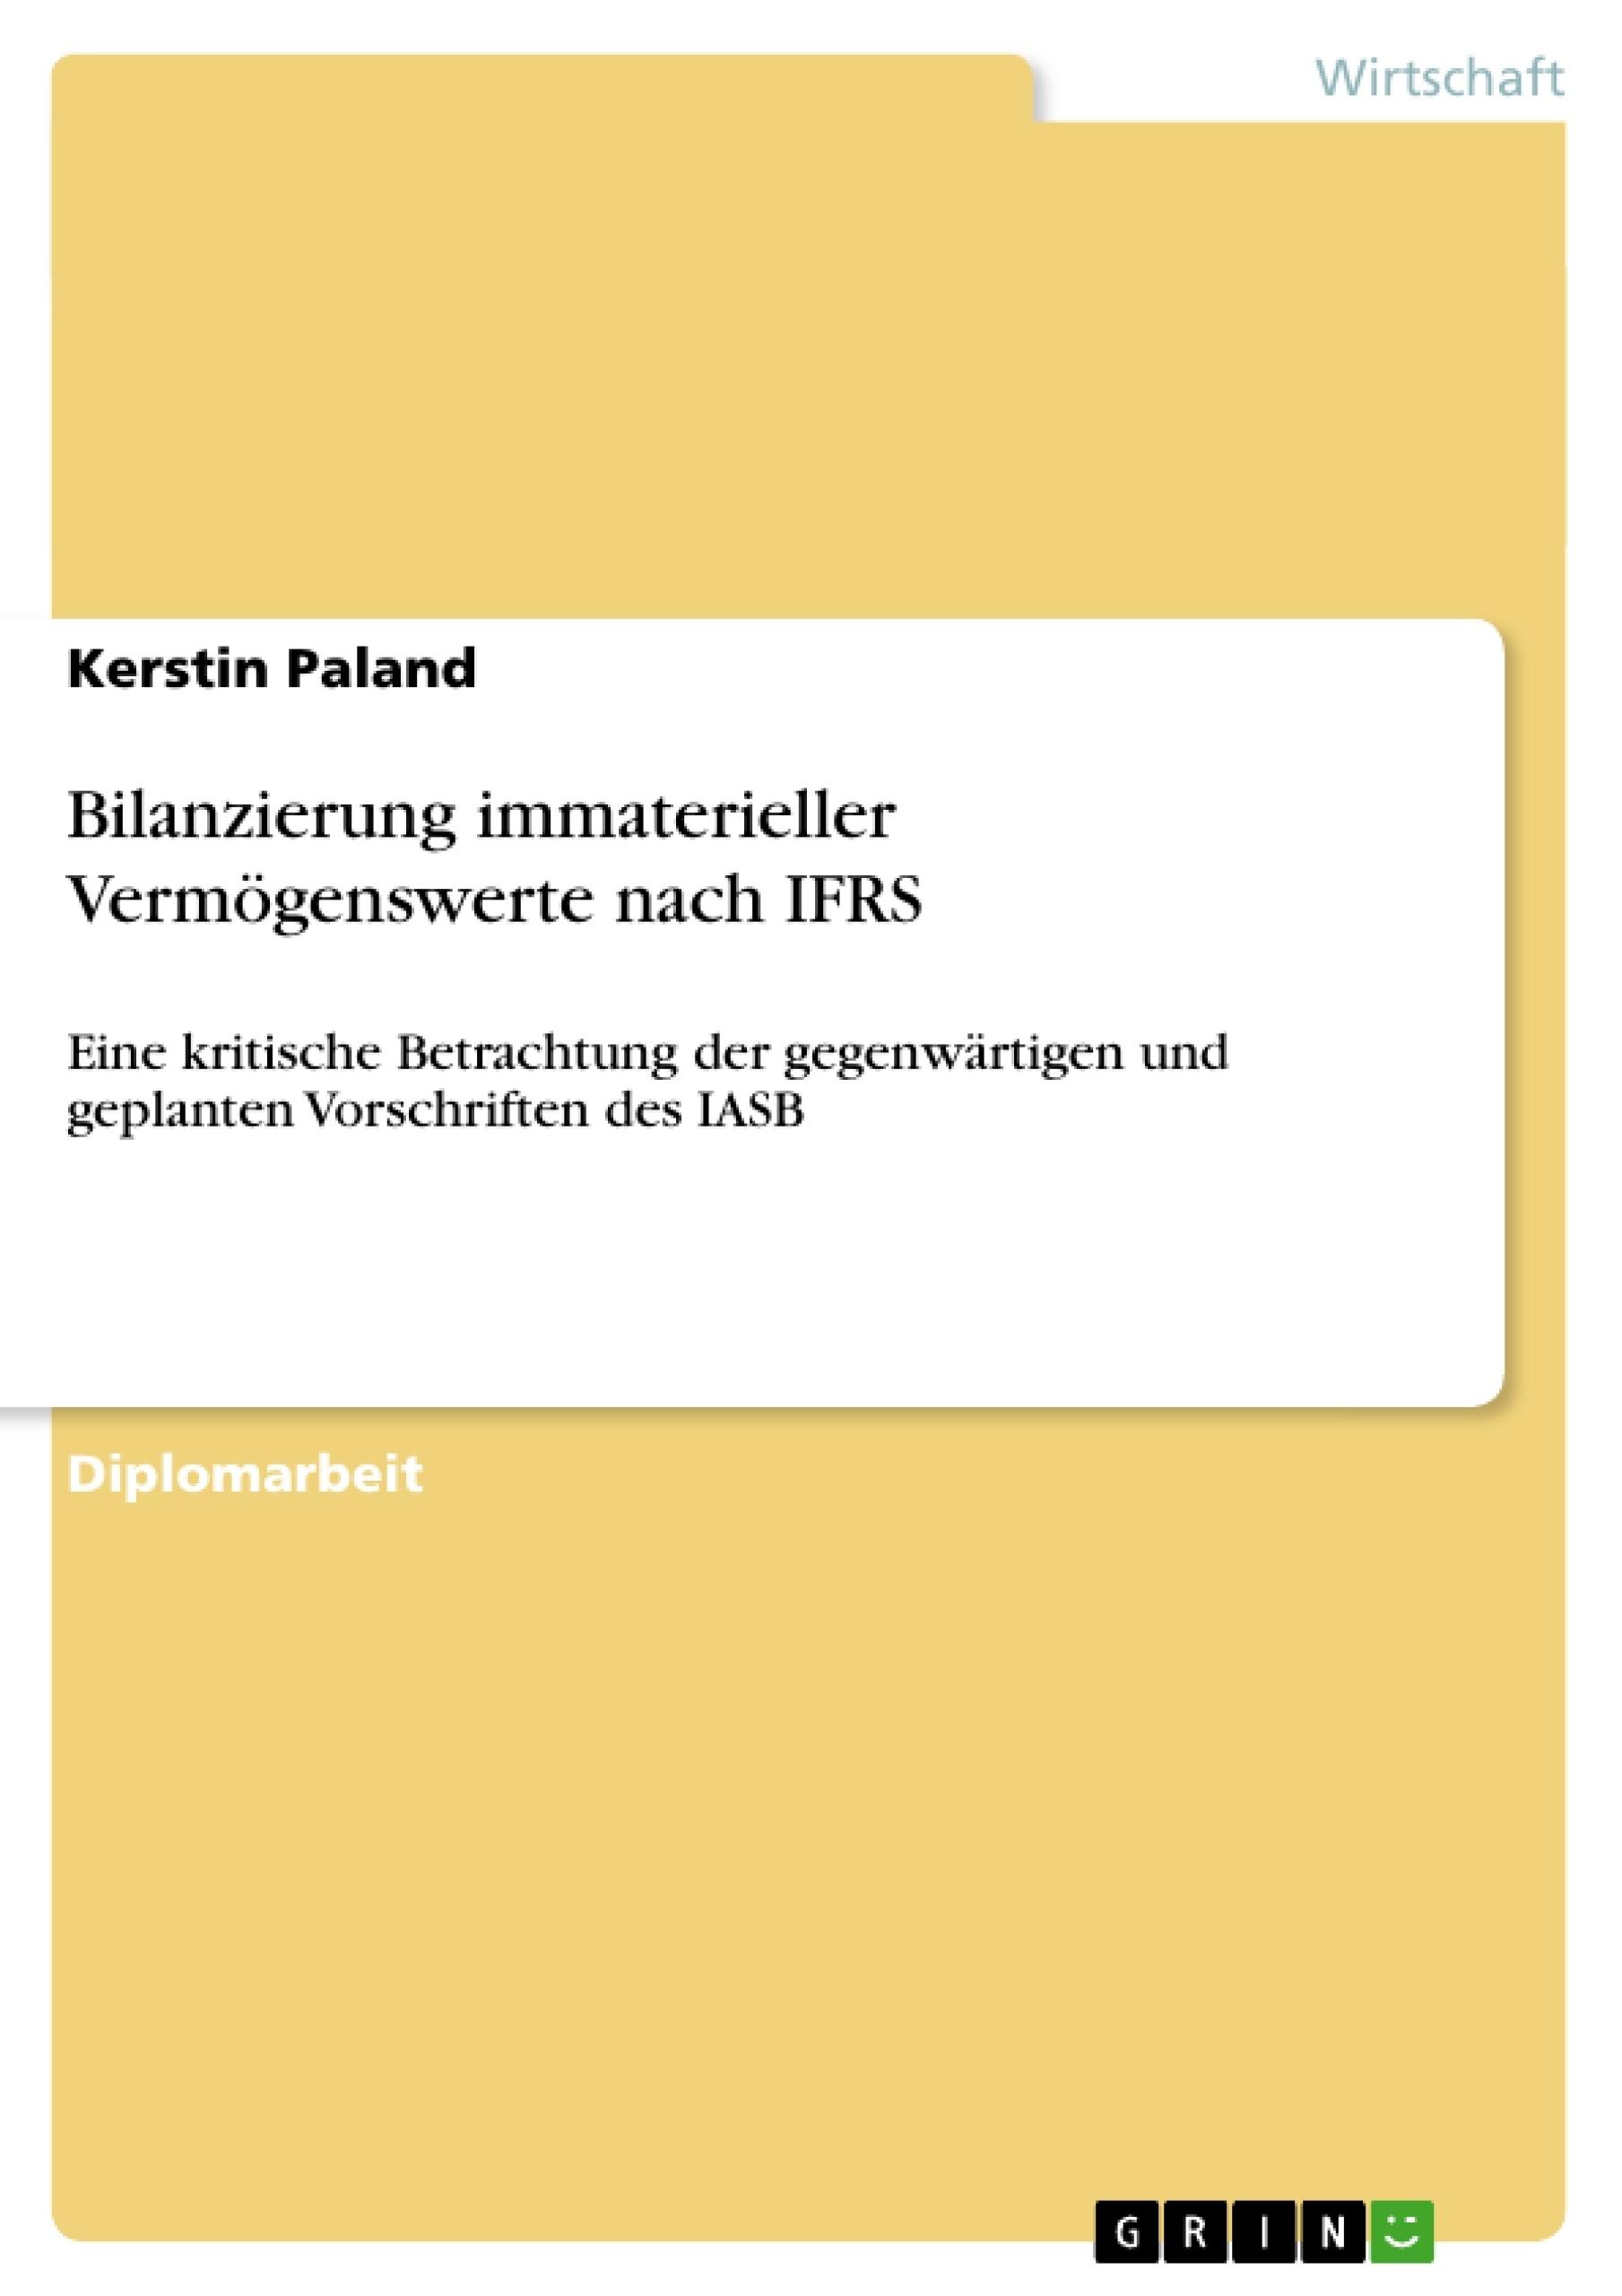 Titel: Bilanzierung immaterieller Vermögenswerte nach IFRS